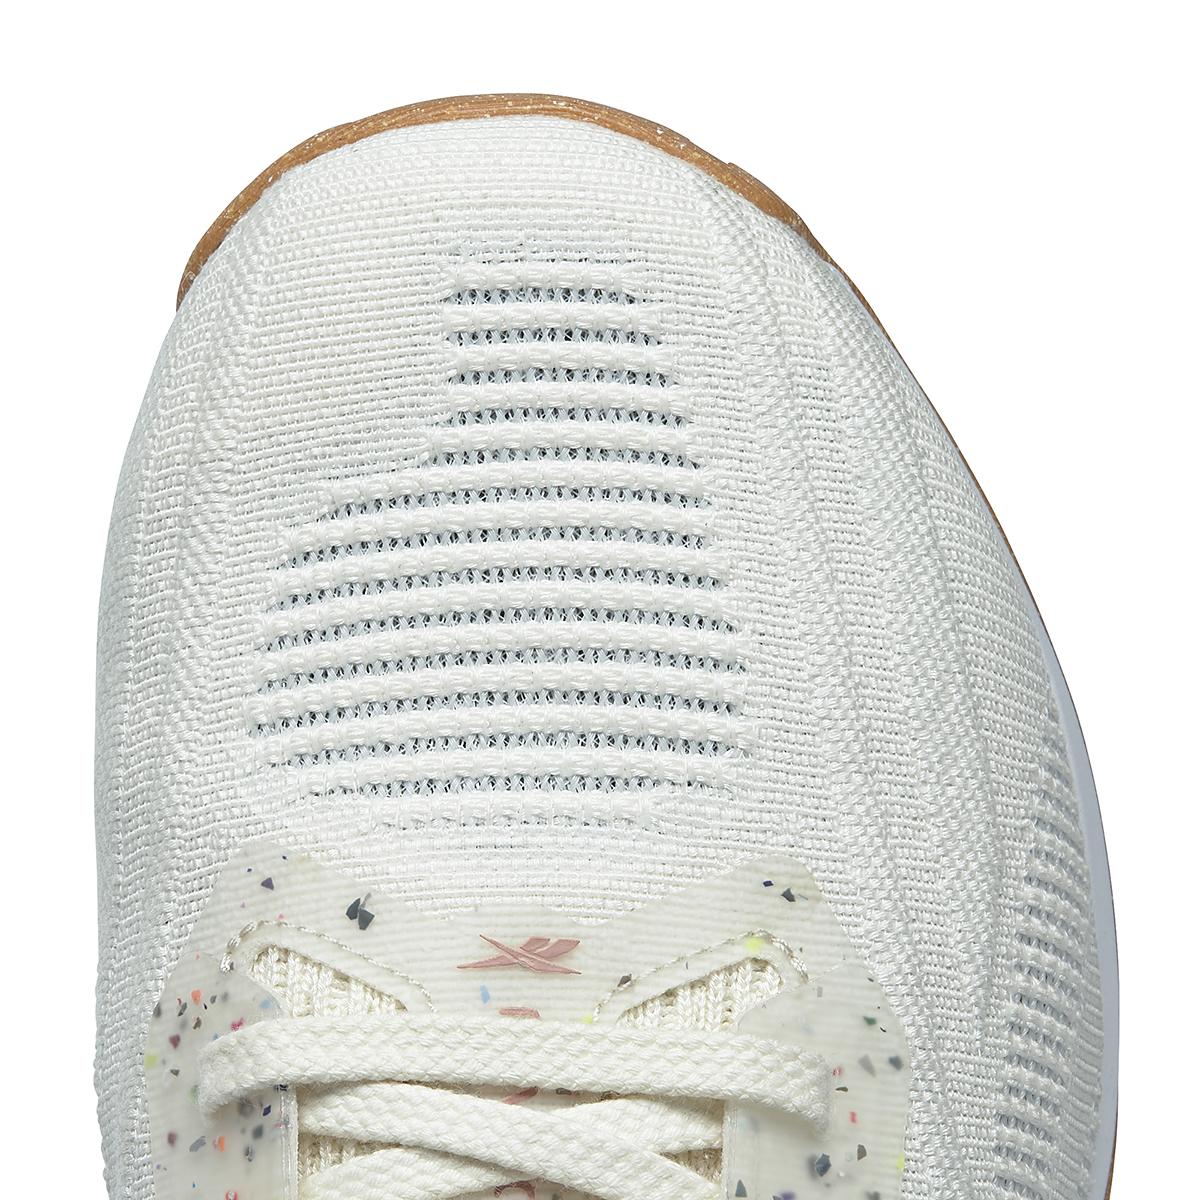 Men's Reebok Nano X1 Vegan Training Shoe - Color: Classic White/Harmony Green/Brave Blue - Size: 7.5 - Width: Regular, Classic White/Harmony Green/Brave Blue, large, image 5